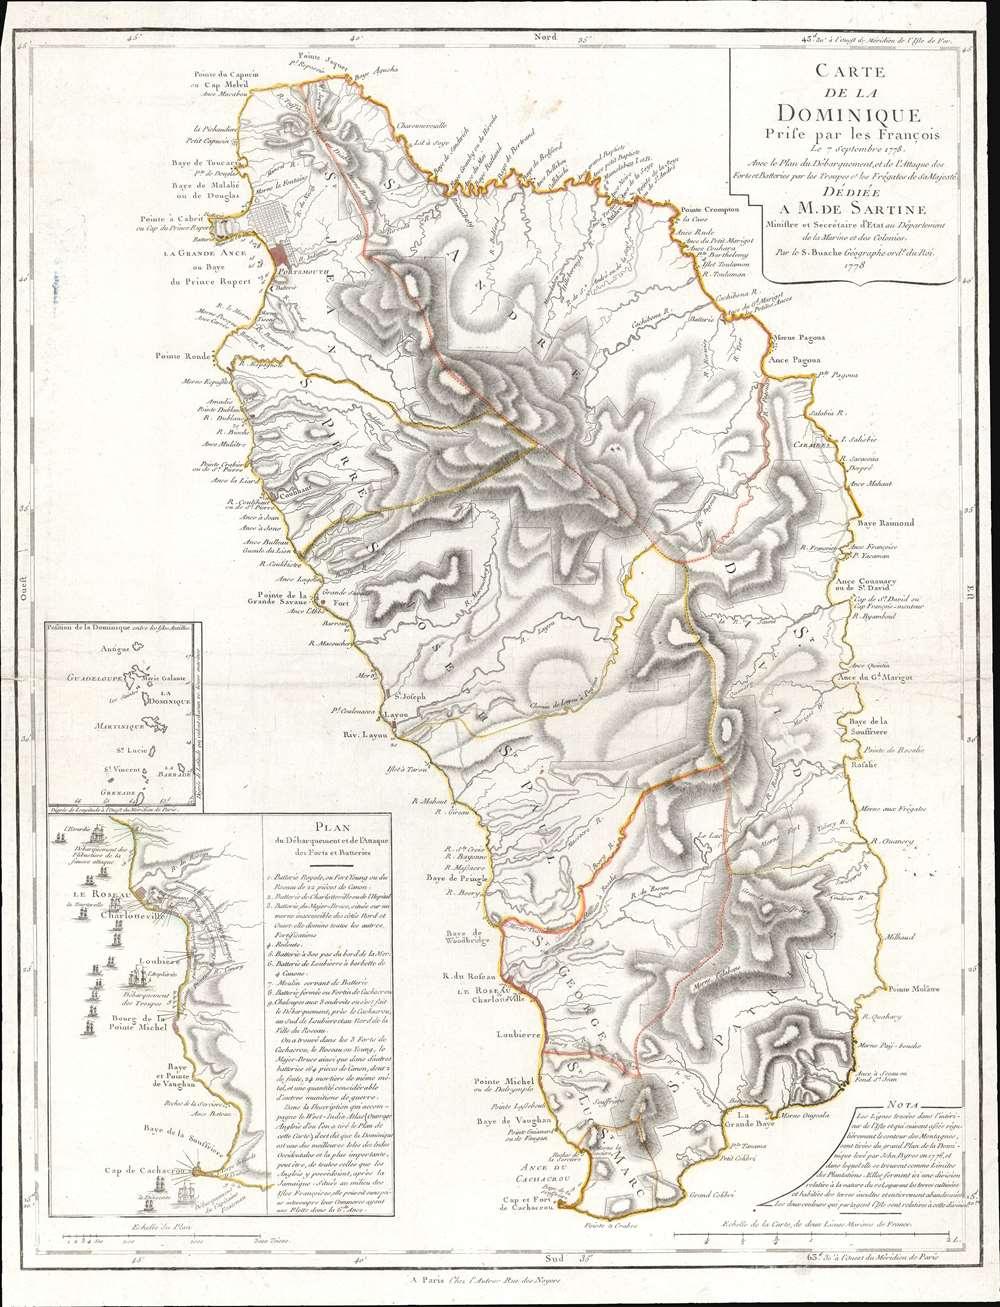 Carte de la Dominique Prise par les Francois Le 7 septembre 1778... - Main View